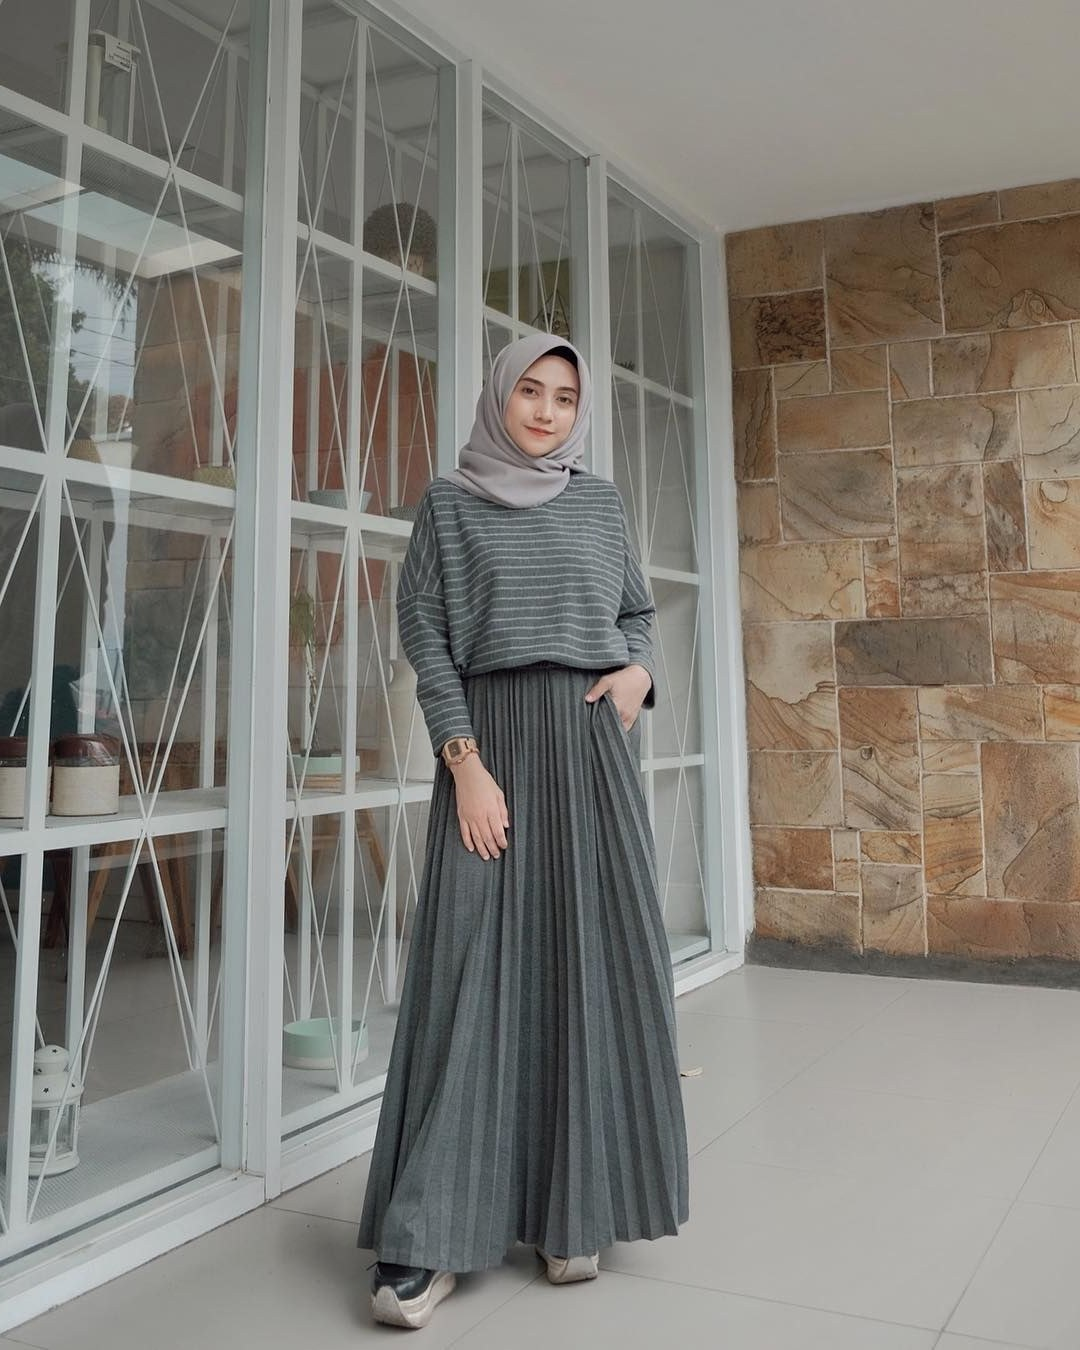 Ide Trend Baju Lebaran Tahun 2019 Drdp Baju Muslim Lebaran Terbaru 2019 Dengan Gambar